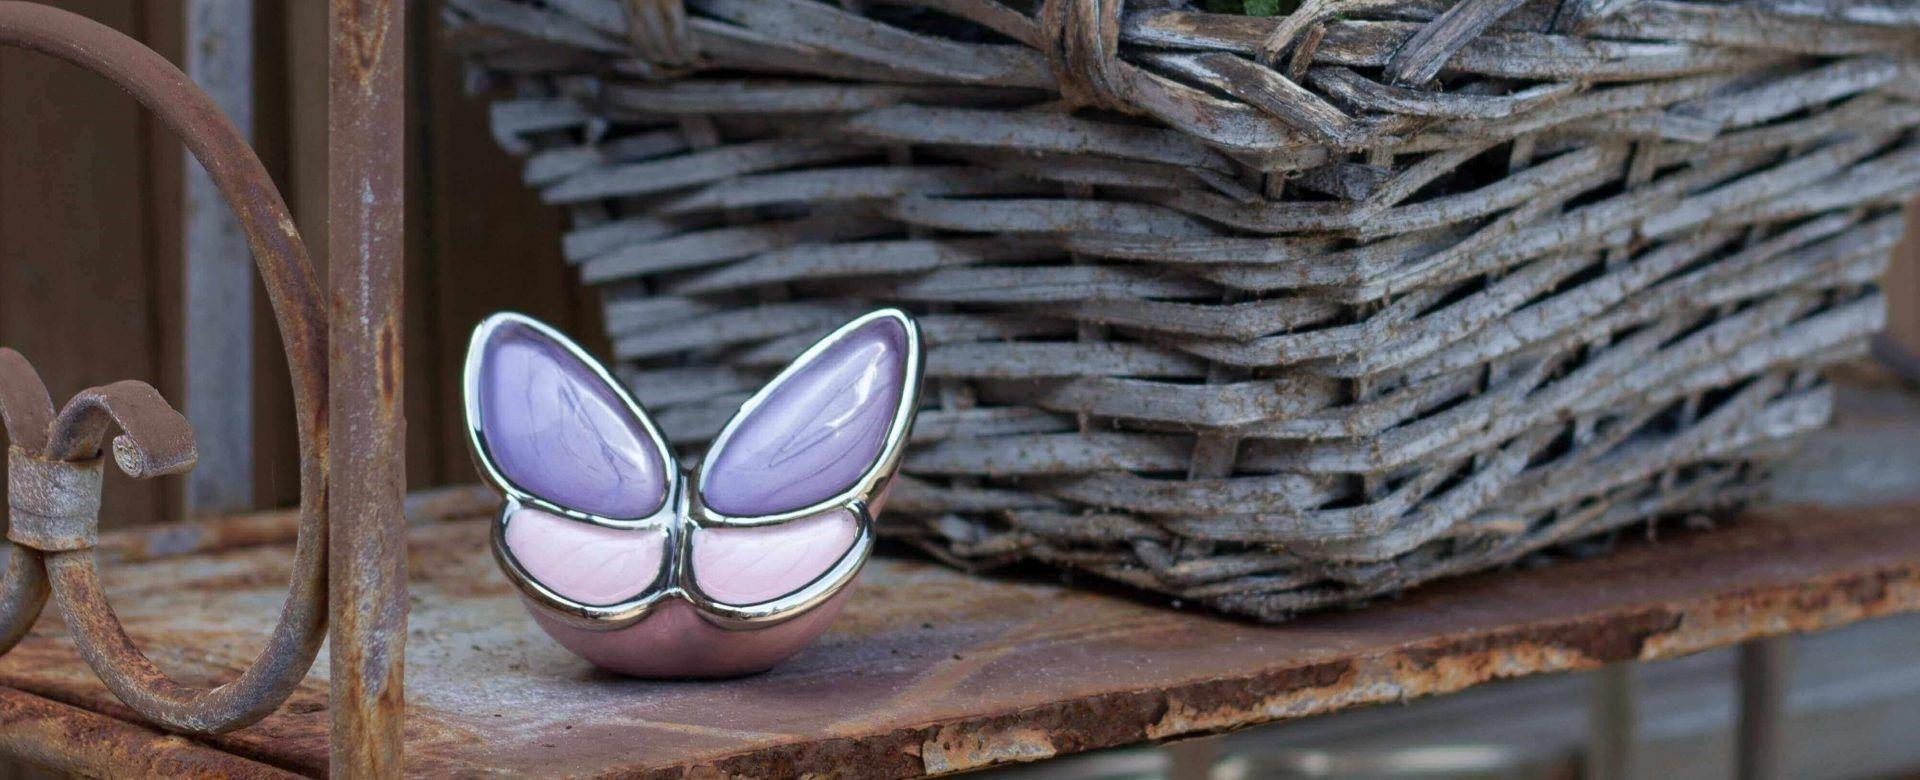 Urn Vlinder - Barbara uitvaartverzorging